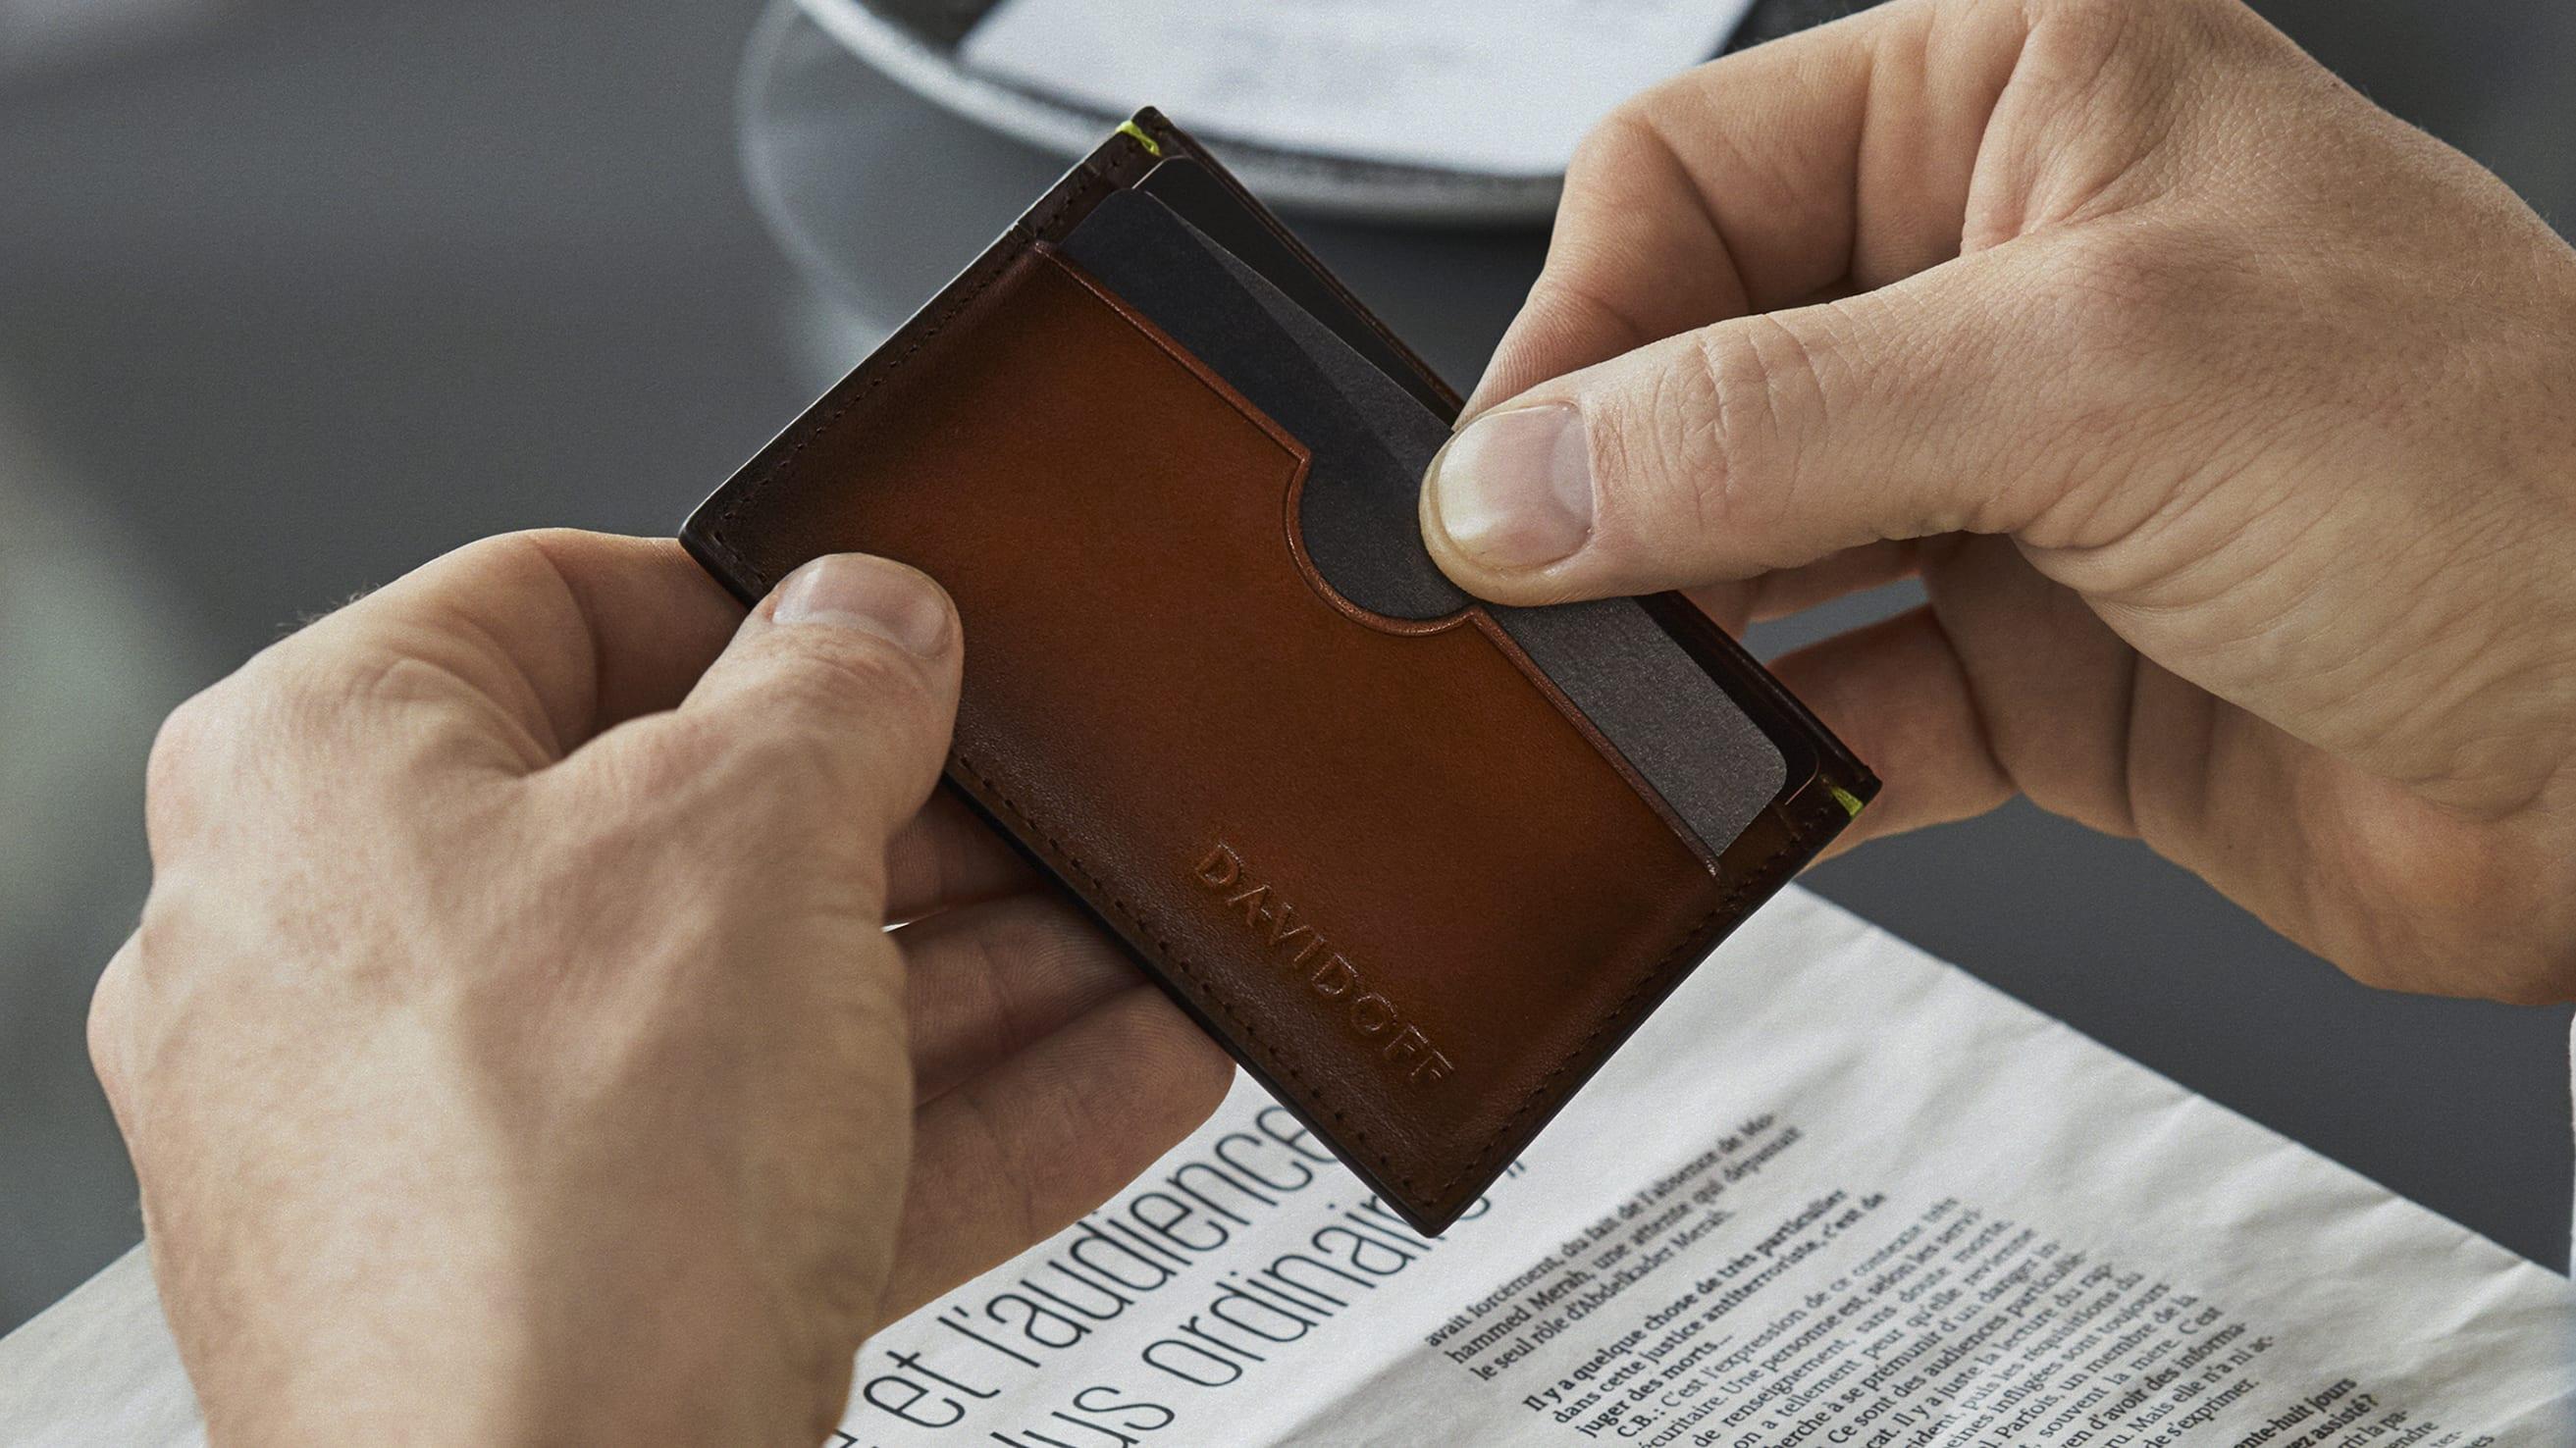 DAVIDOFF wallets